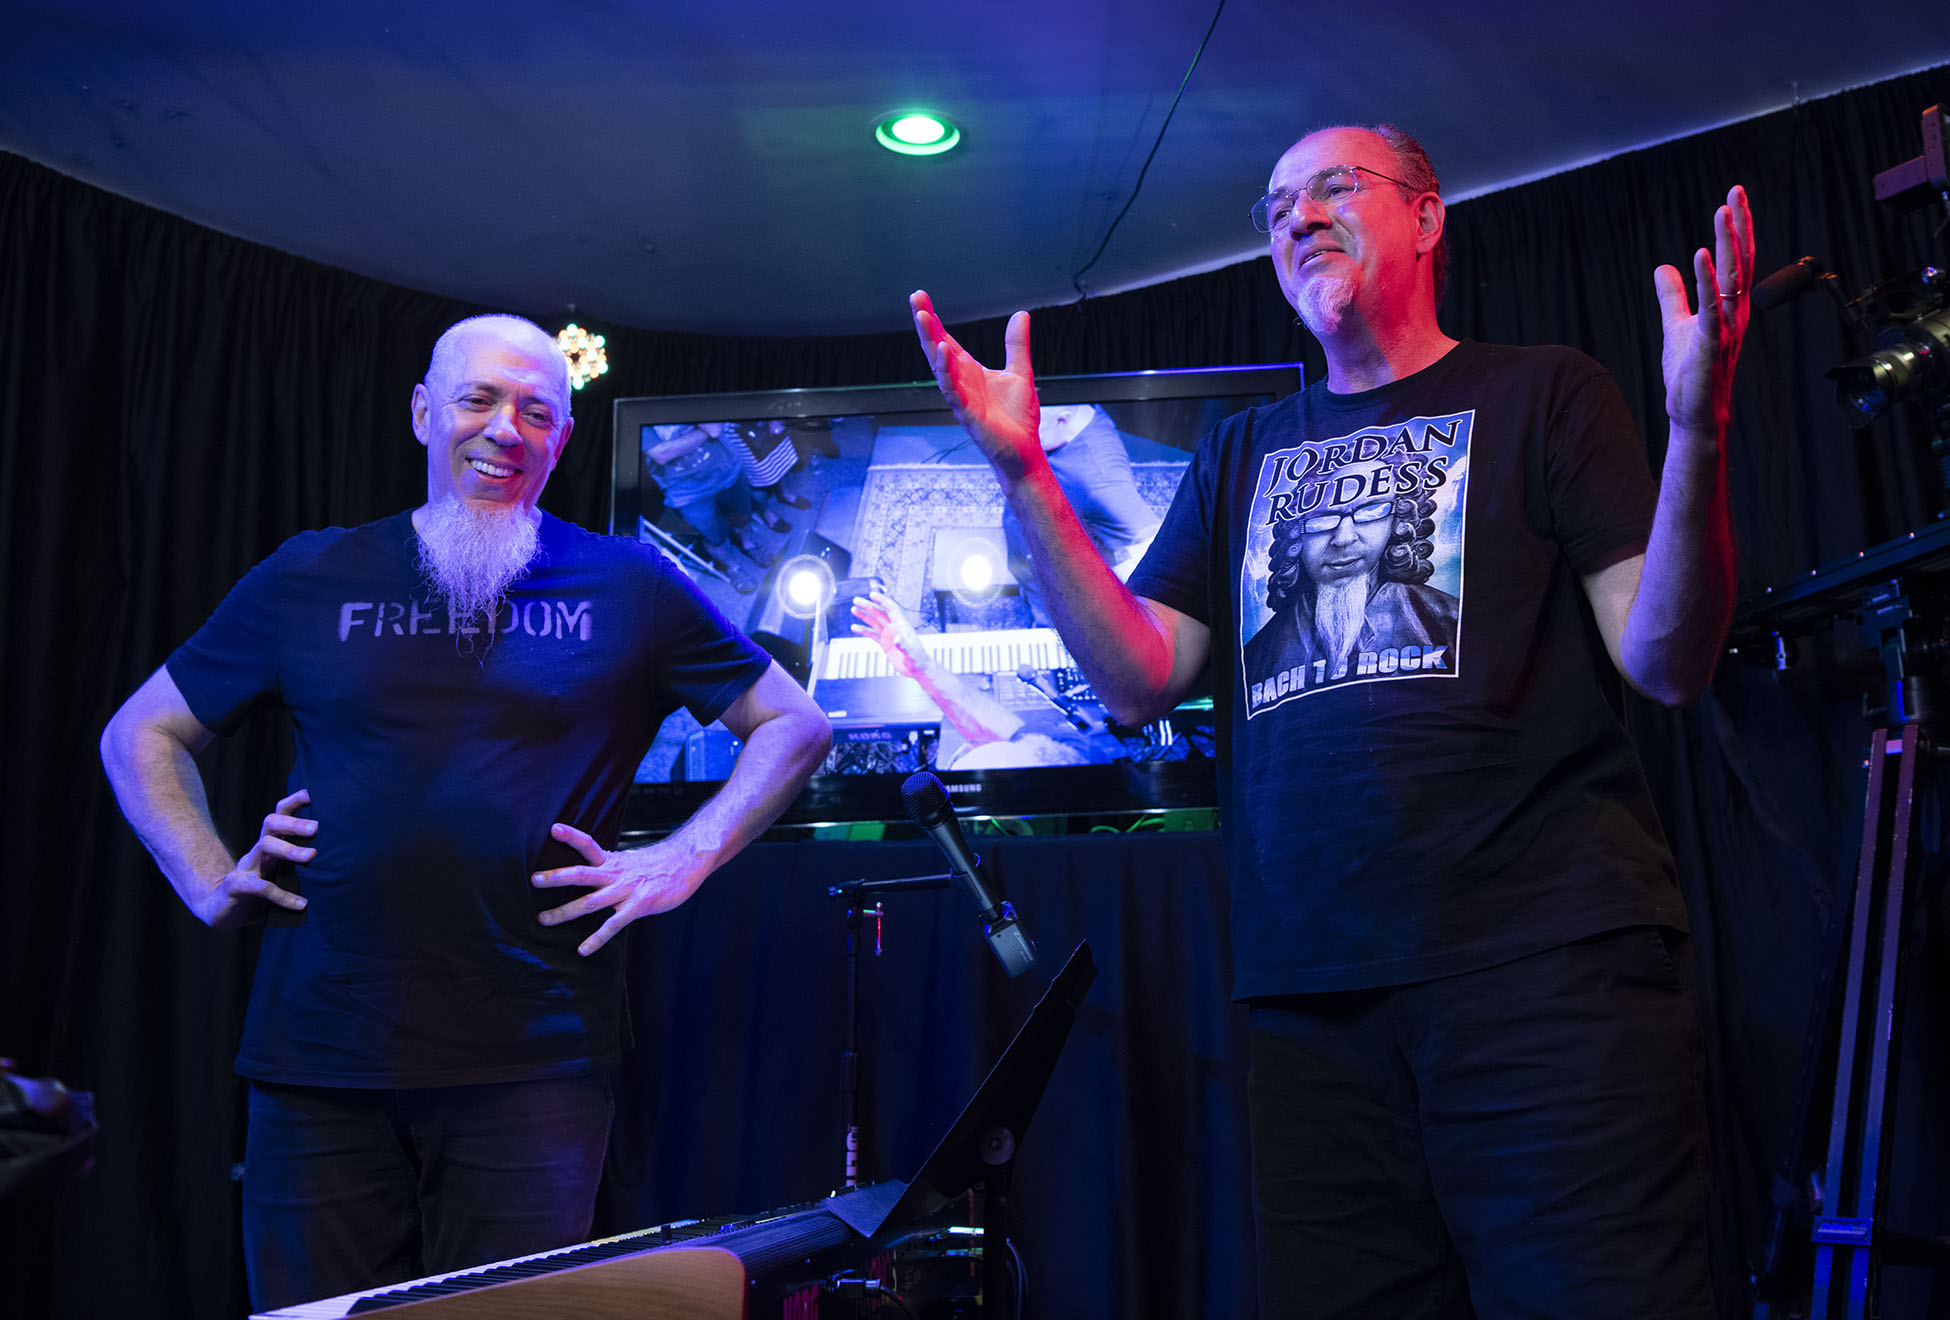 Jordan Rudess and Jerry LoFaro at the LoFaro Center of the Performing Arts, August 17, 2019